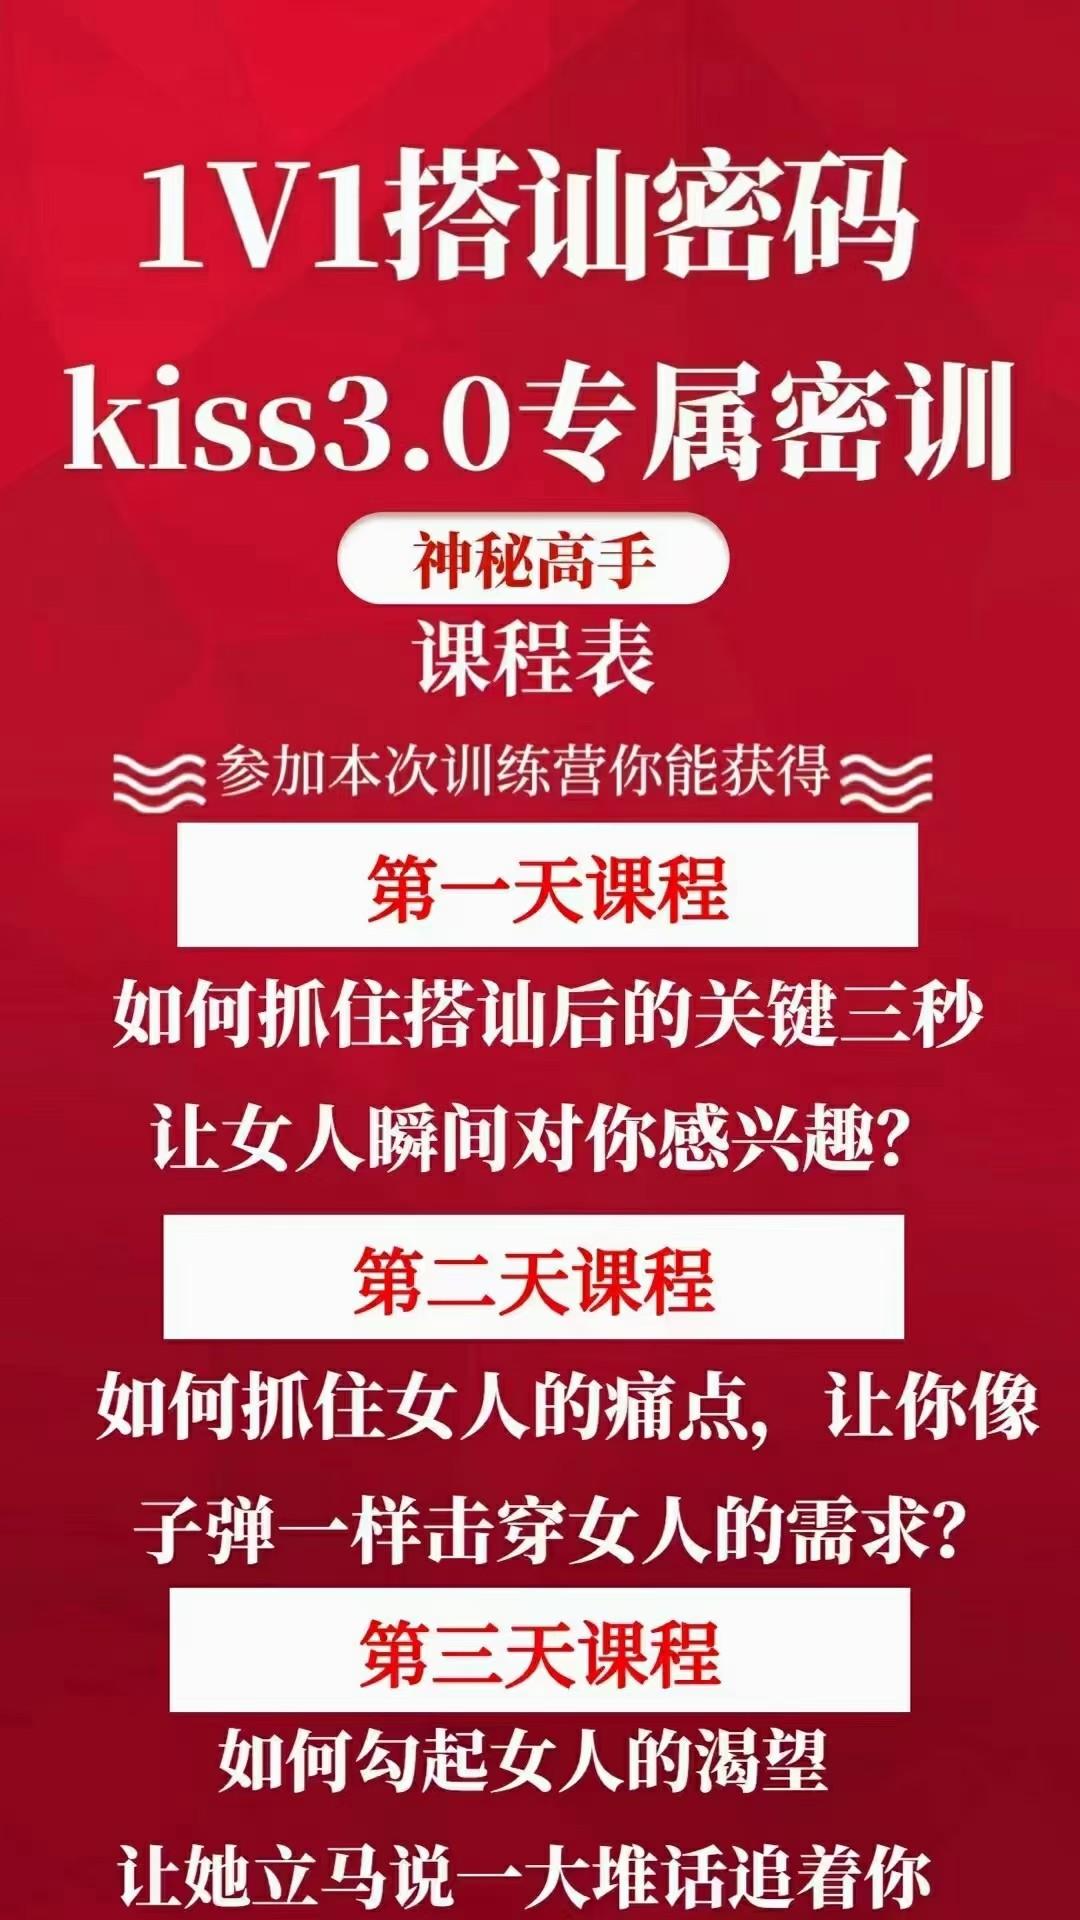 马克kiss3.0搭讪密码-让每个人都能感受把妹的乐趣-1